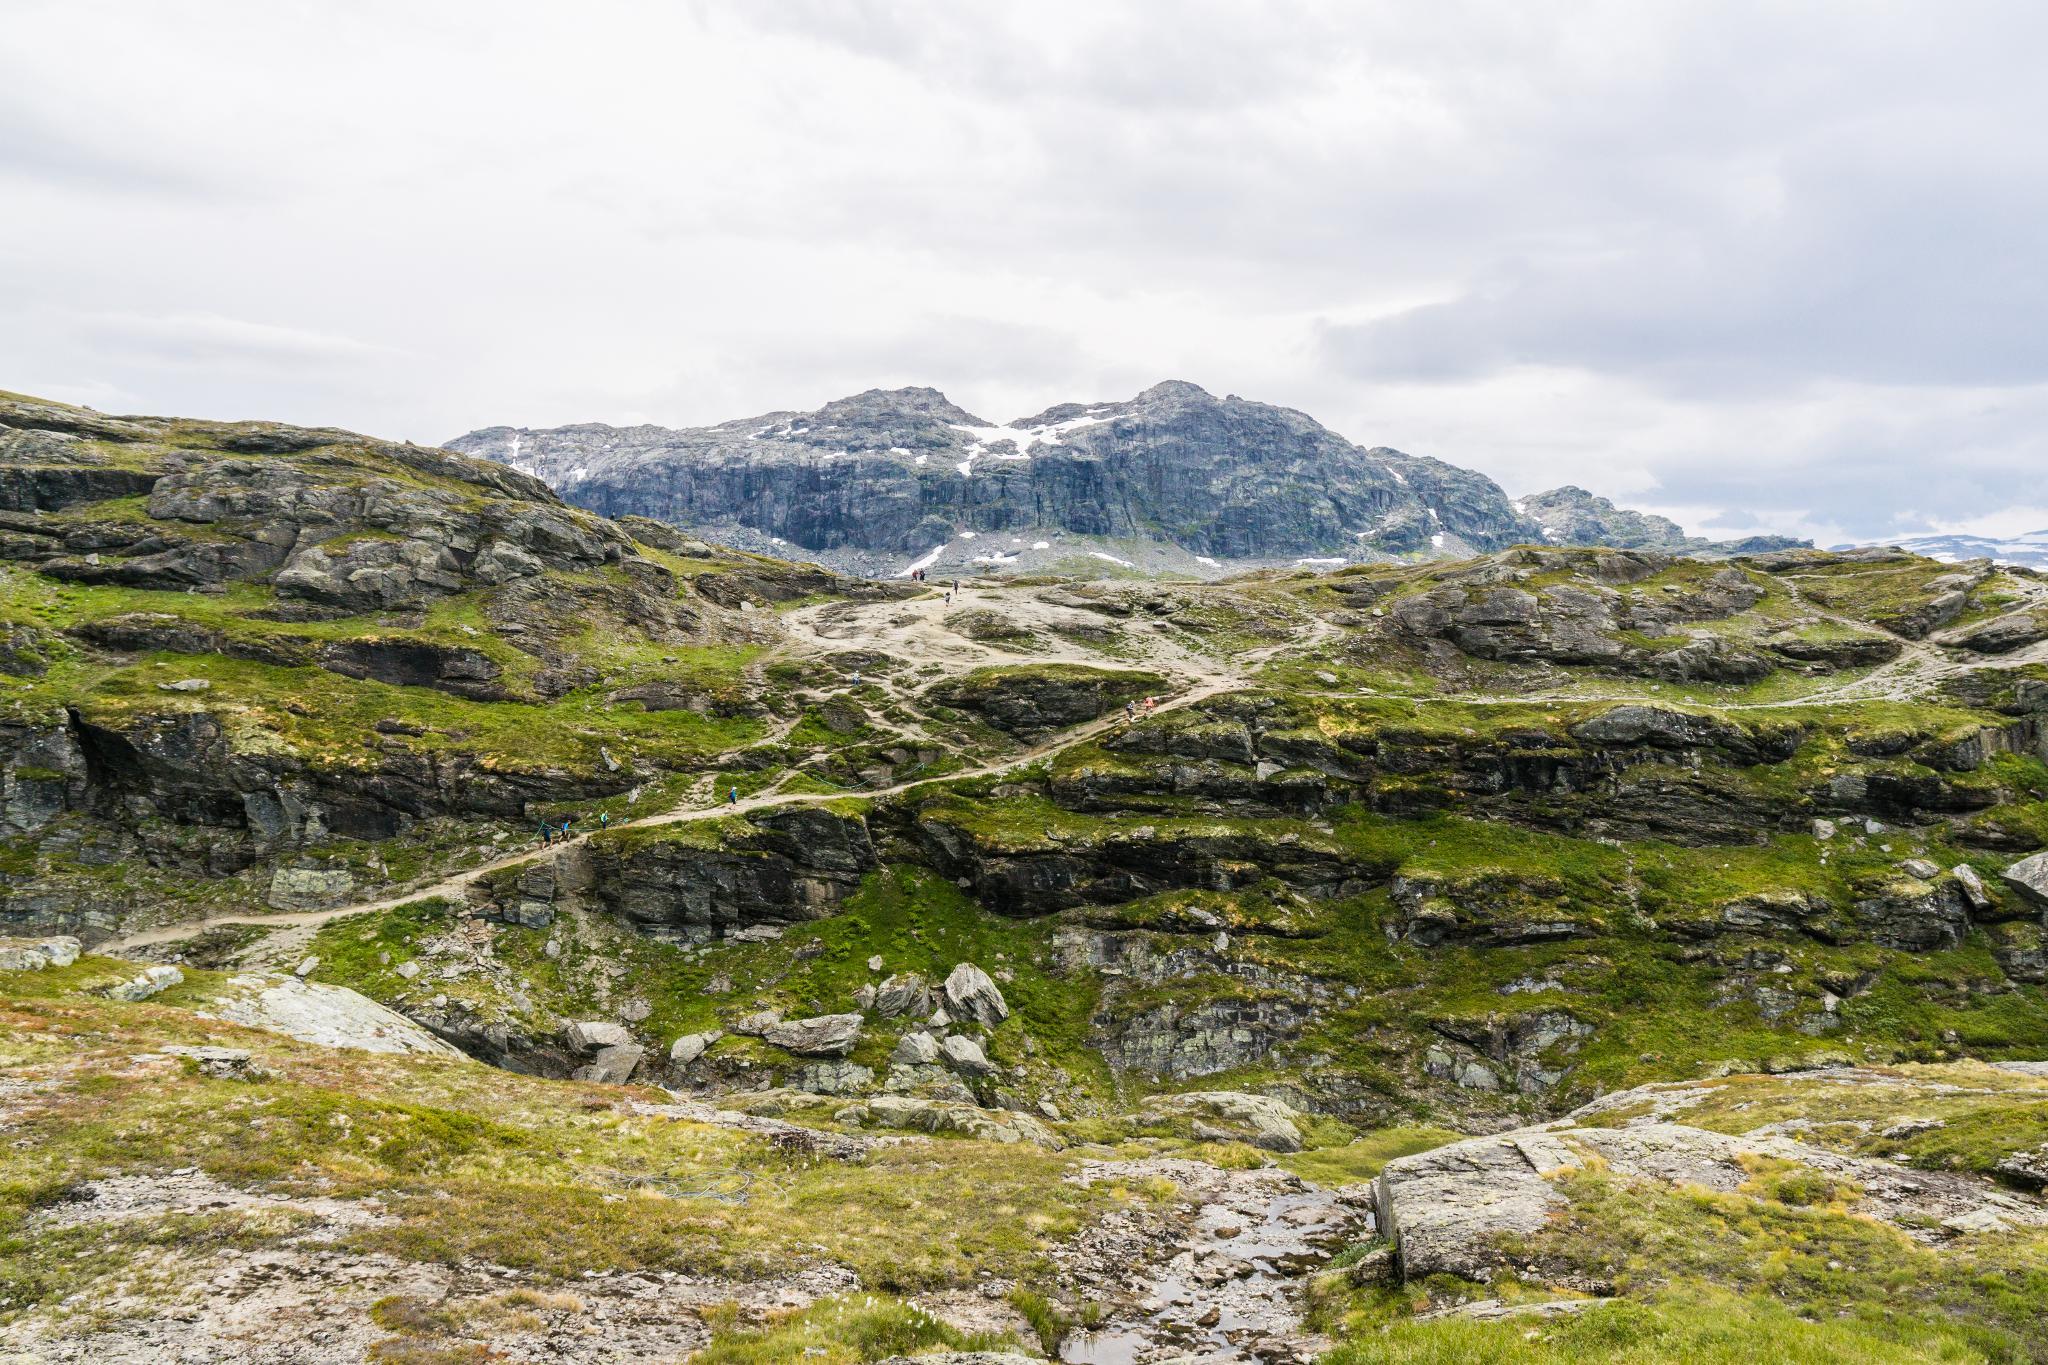 【北歐景點】挪威惡魔之舌 Trolltunga — 28公里健行挑戰全攻略 219